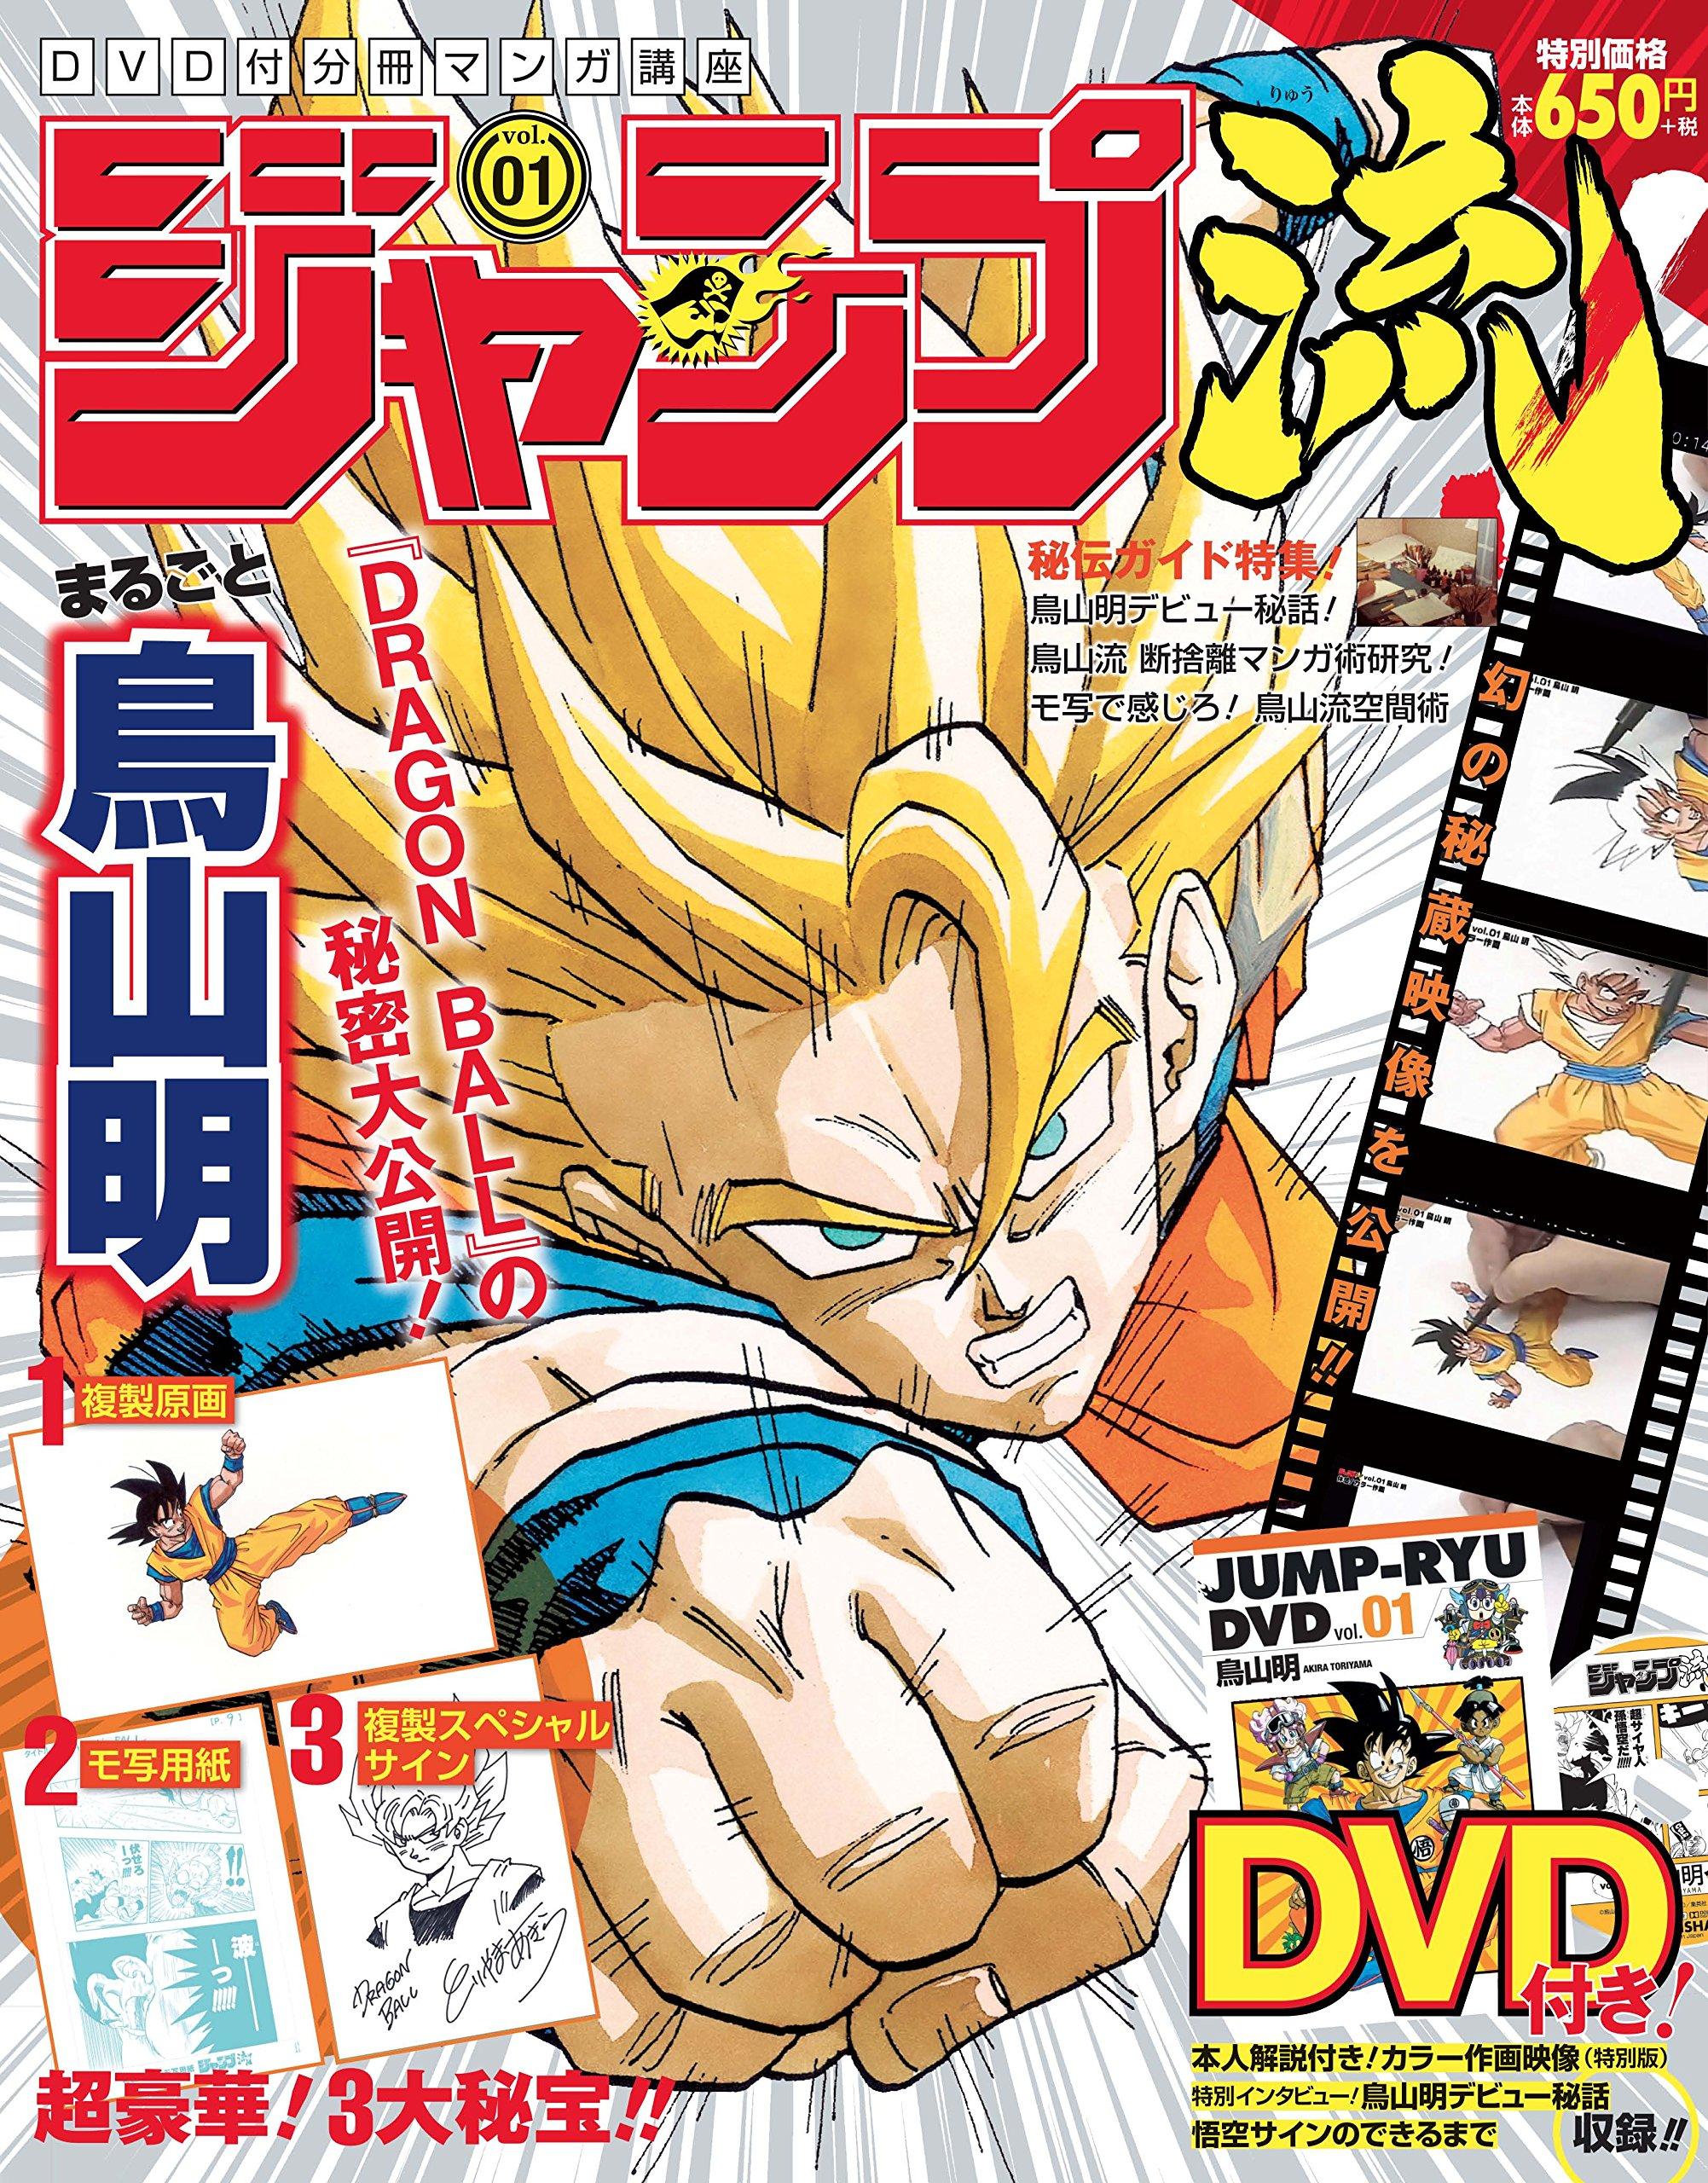 ジャンプ流! DVD付分冊マンガ講座 1巻